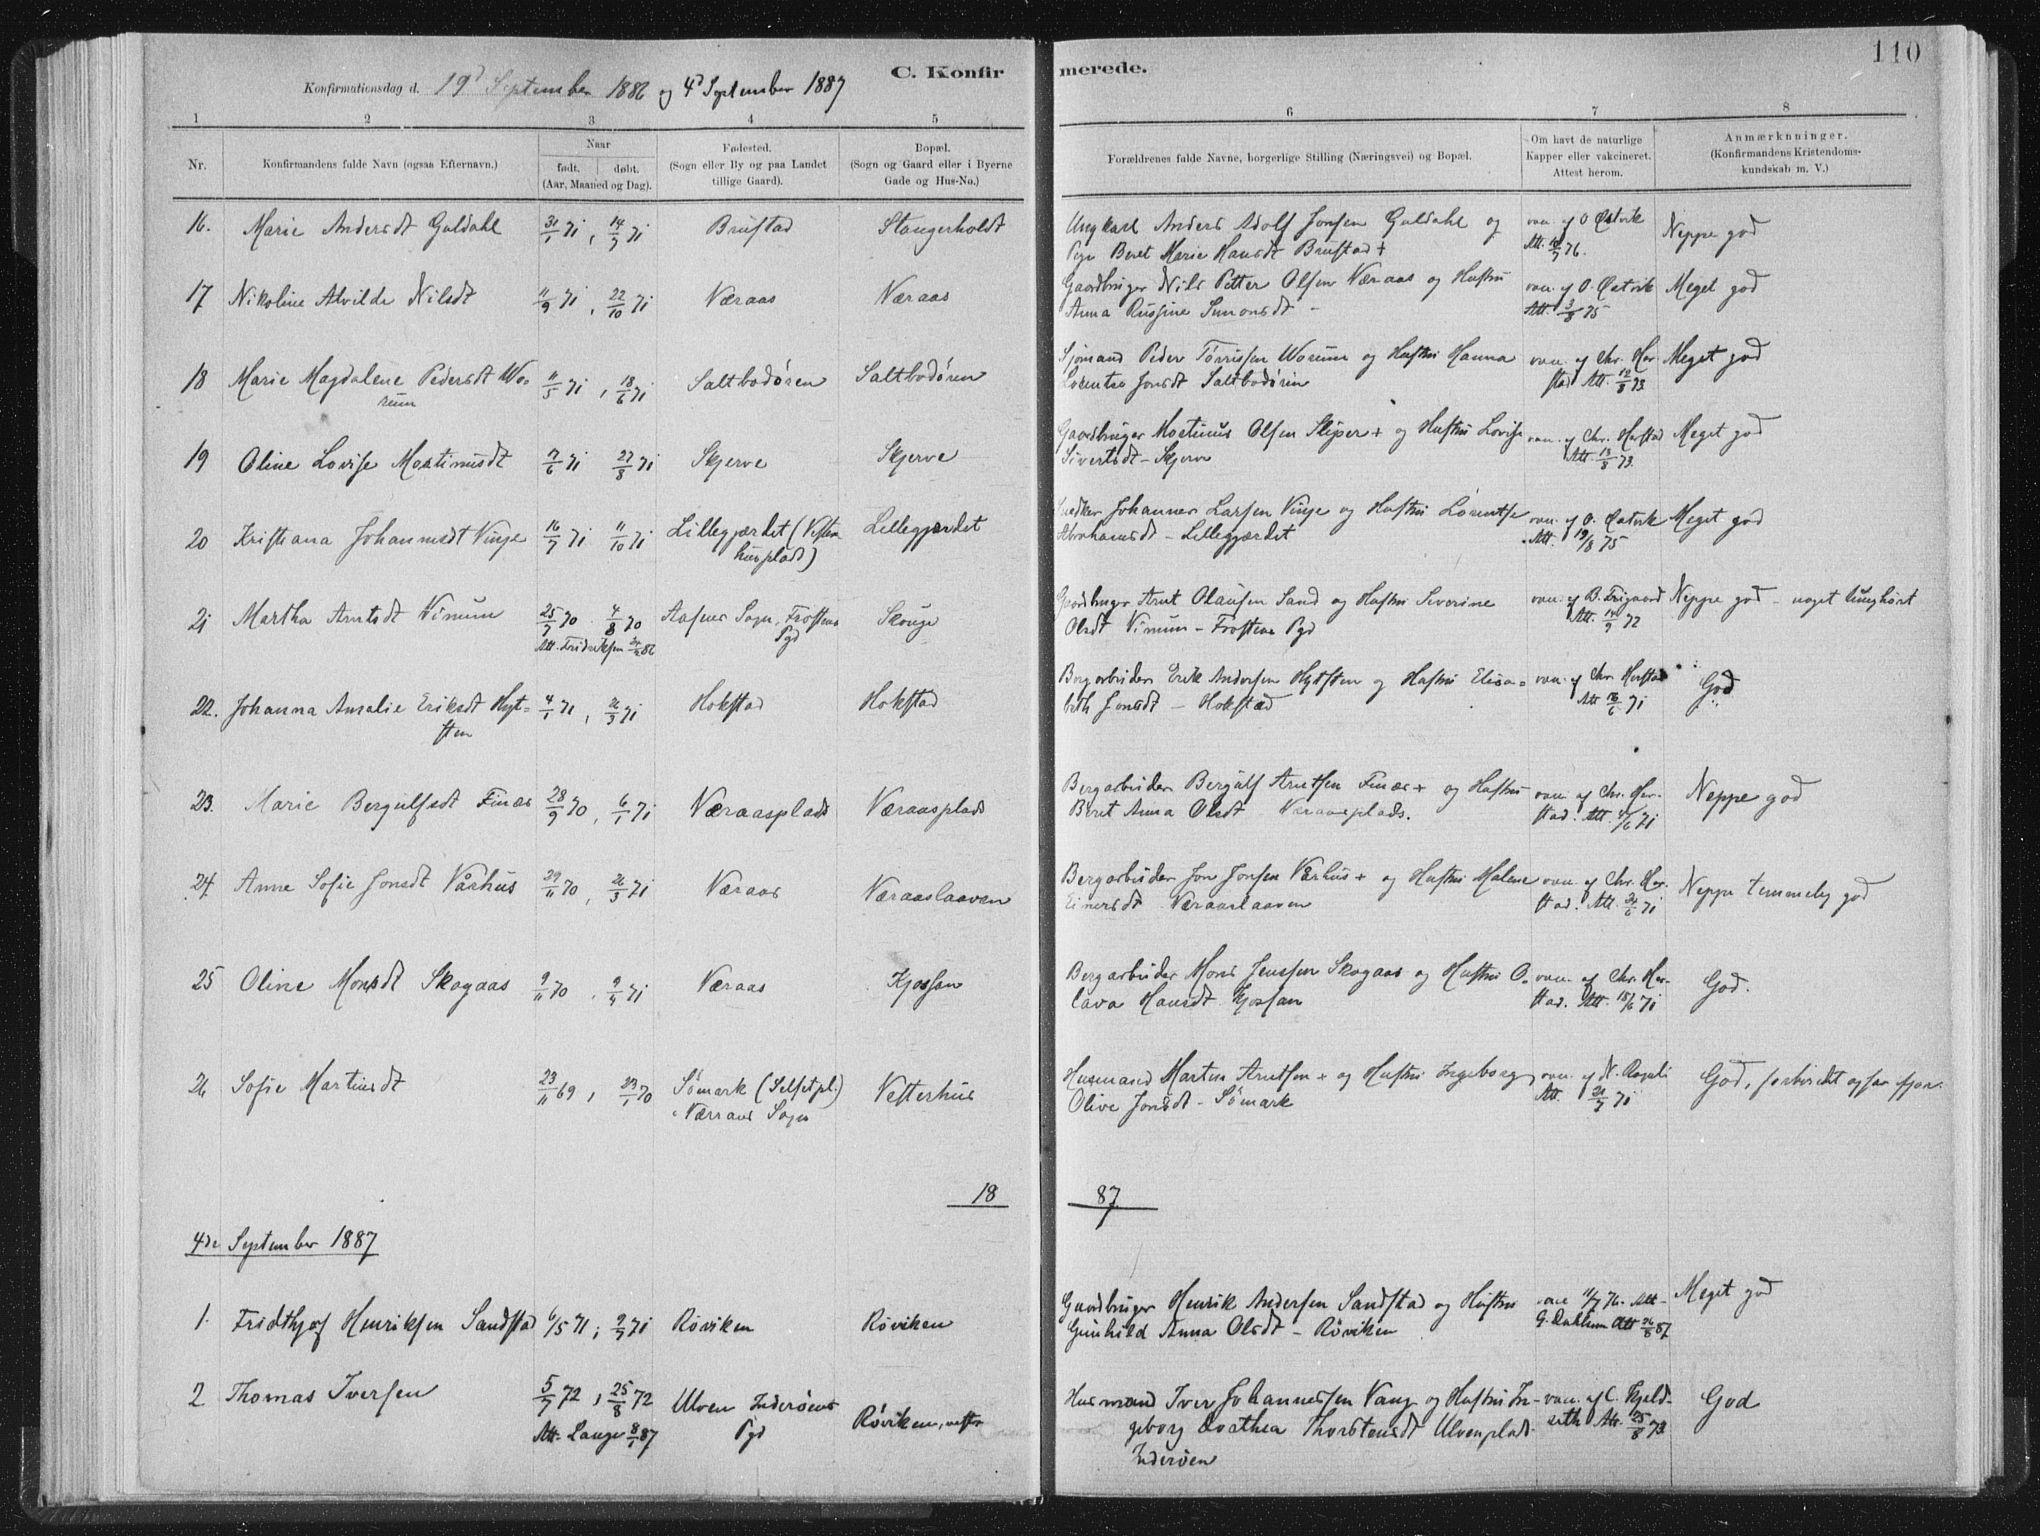 SAT, Ministerialprotokoller, klokkerbøker og fødselsregistre - Nord-Trøndelag, 722/L0220: Ministerialbok nr. 722A07, 1881-1908, s. 110